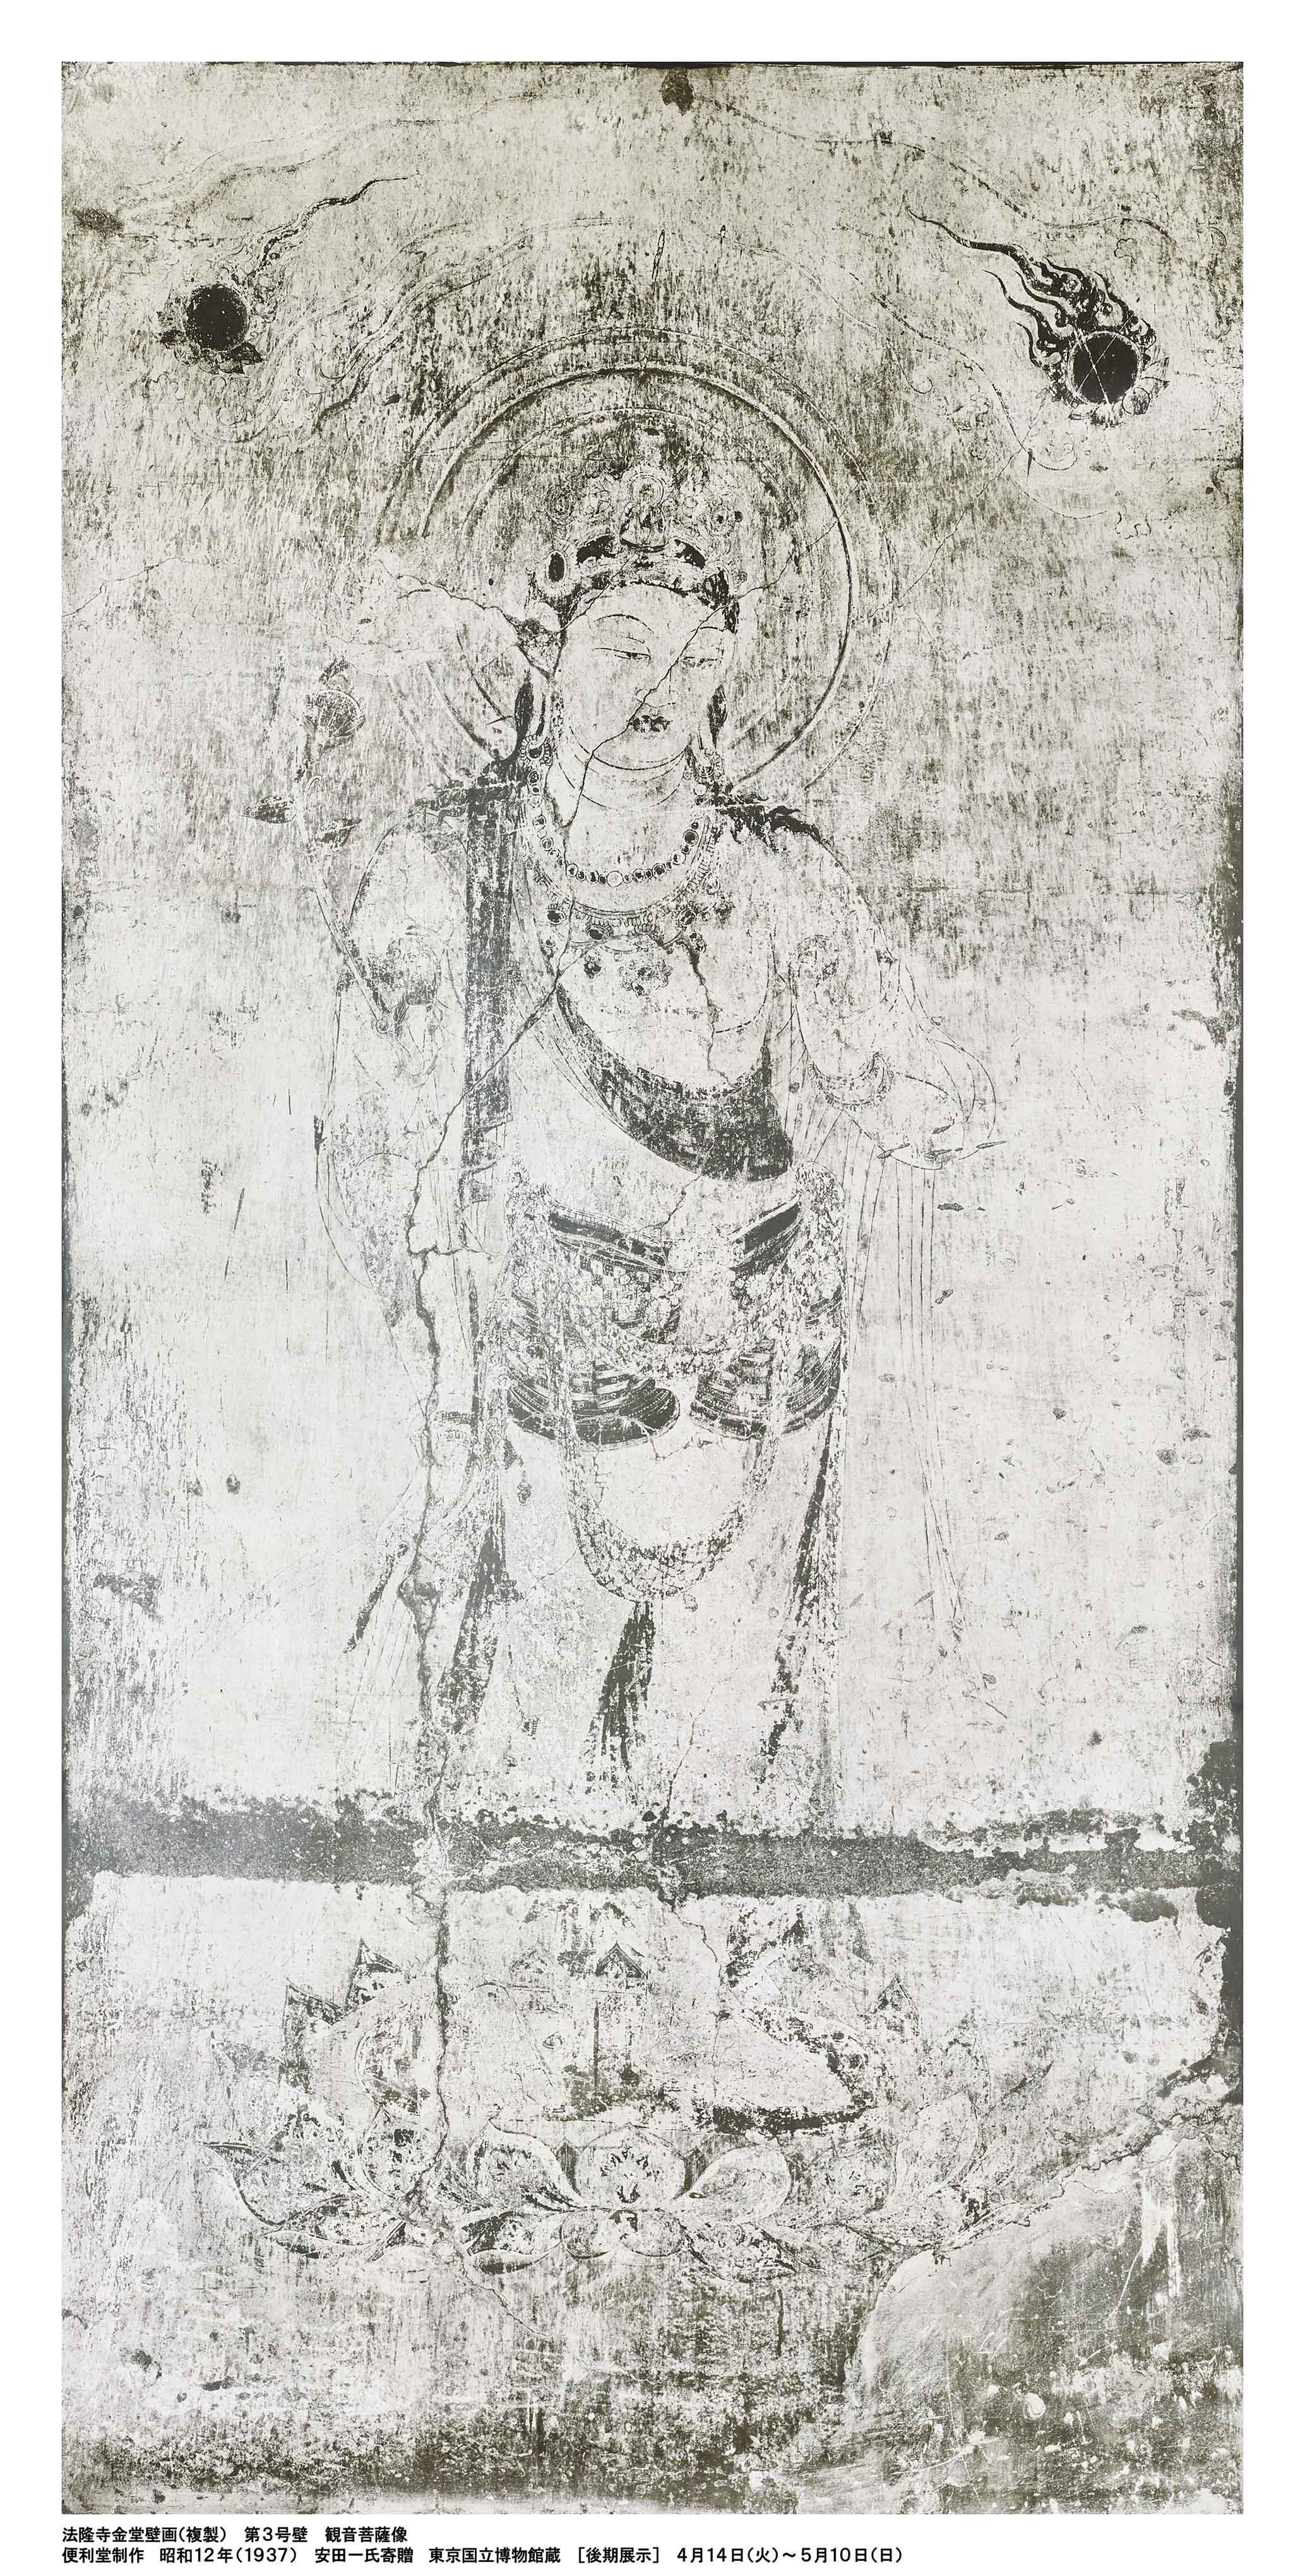 法隆寺金堂壁画(複製) 第3号壁 観音菩薩像 便利堂制作 明治12年(1937) 安田一氏寄贈・東京国立博物館蔵 後期(4/14~5/10)展示